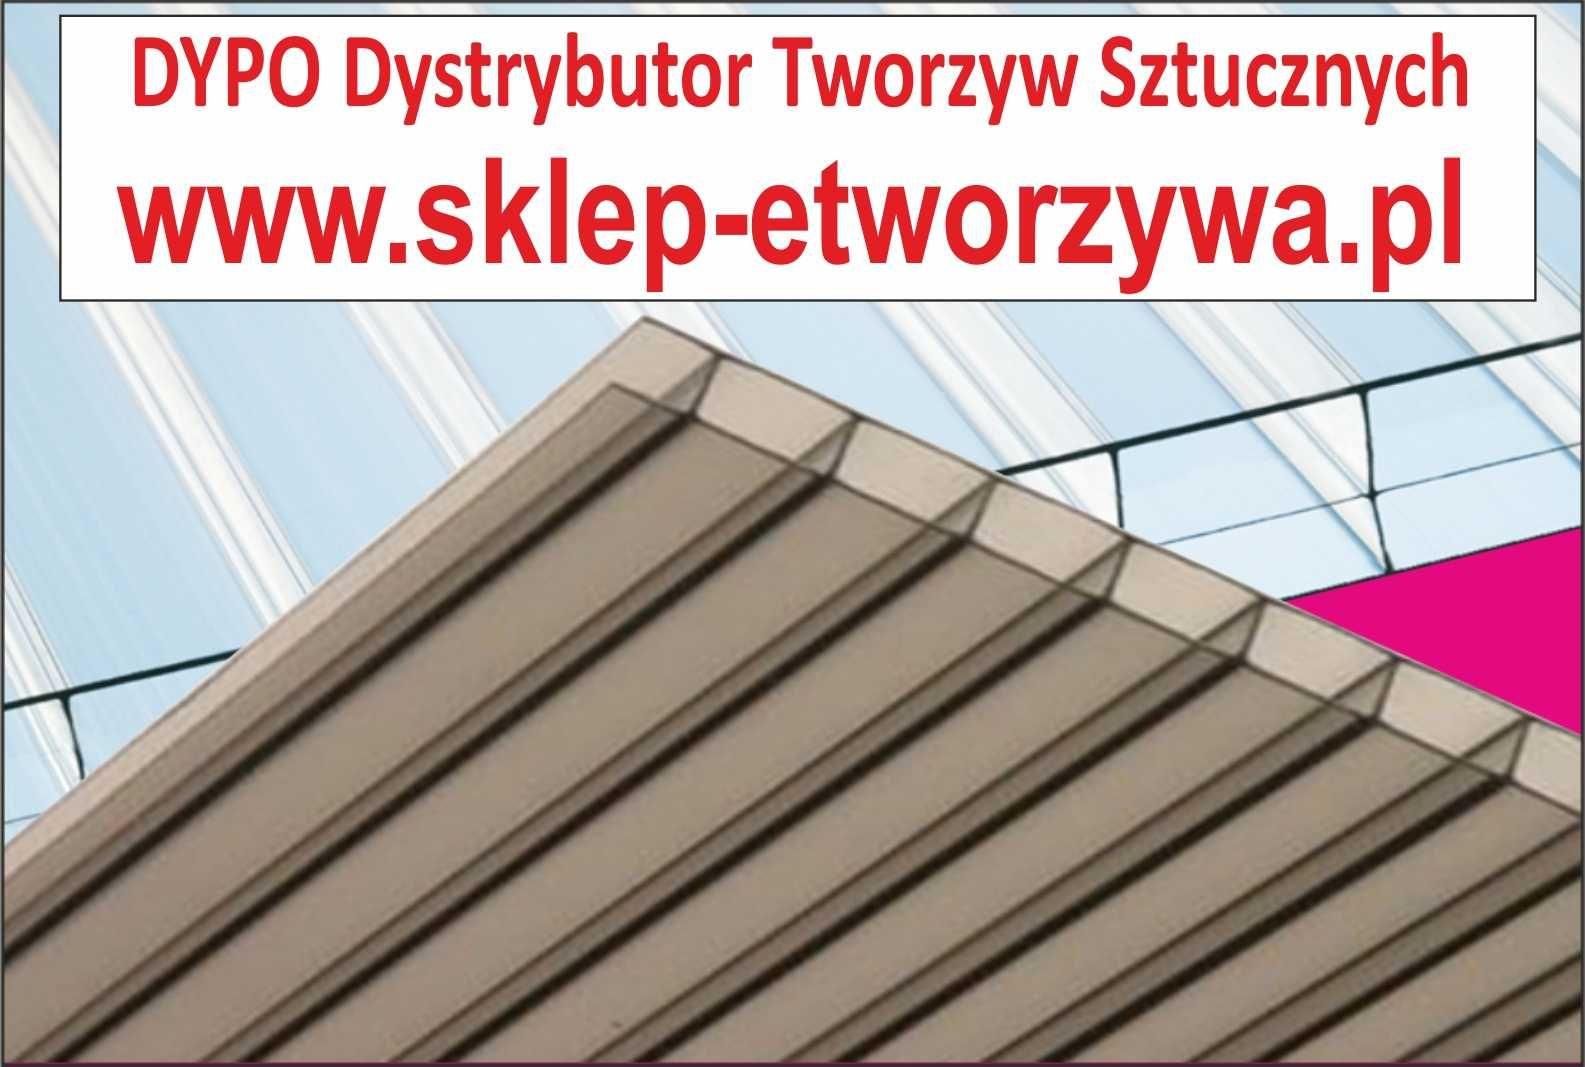 Poliwęglan komorowy Lity płyty dach taras pergola 4,6,8,10,16,20,25,32